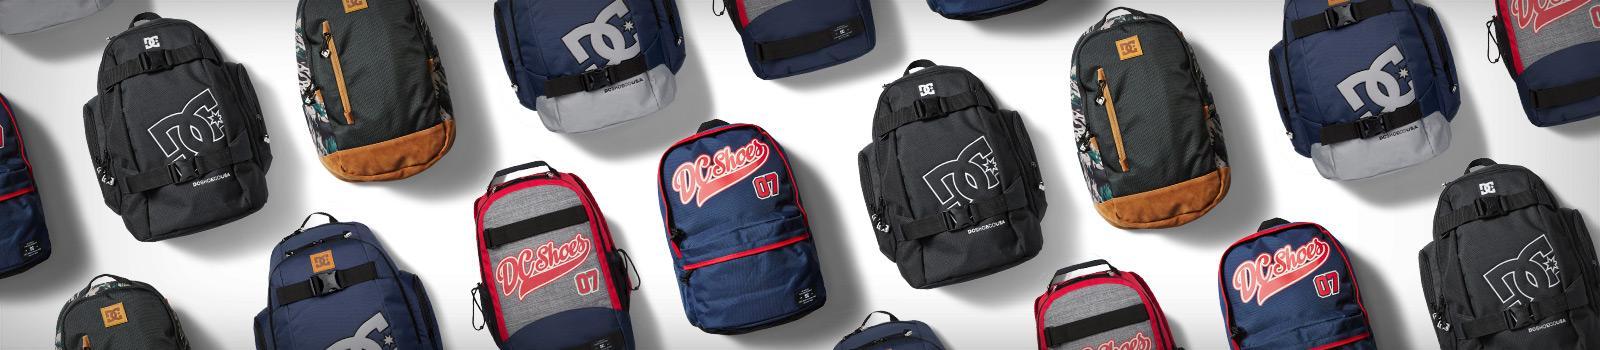 купить мужской рюкзак, купить мужскую сумку